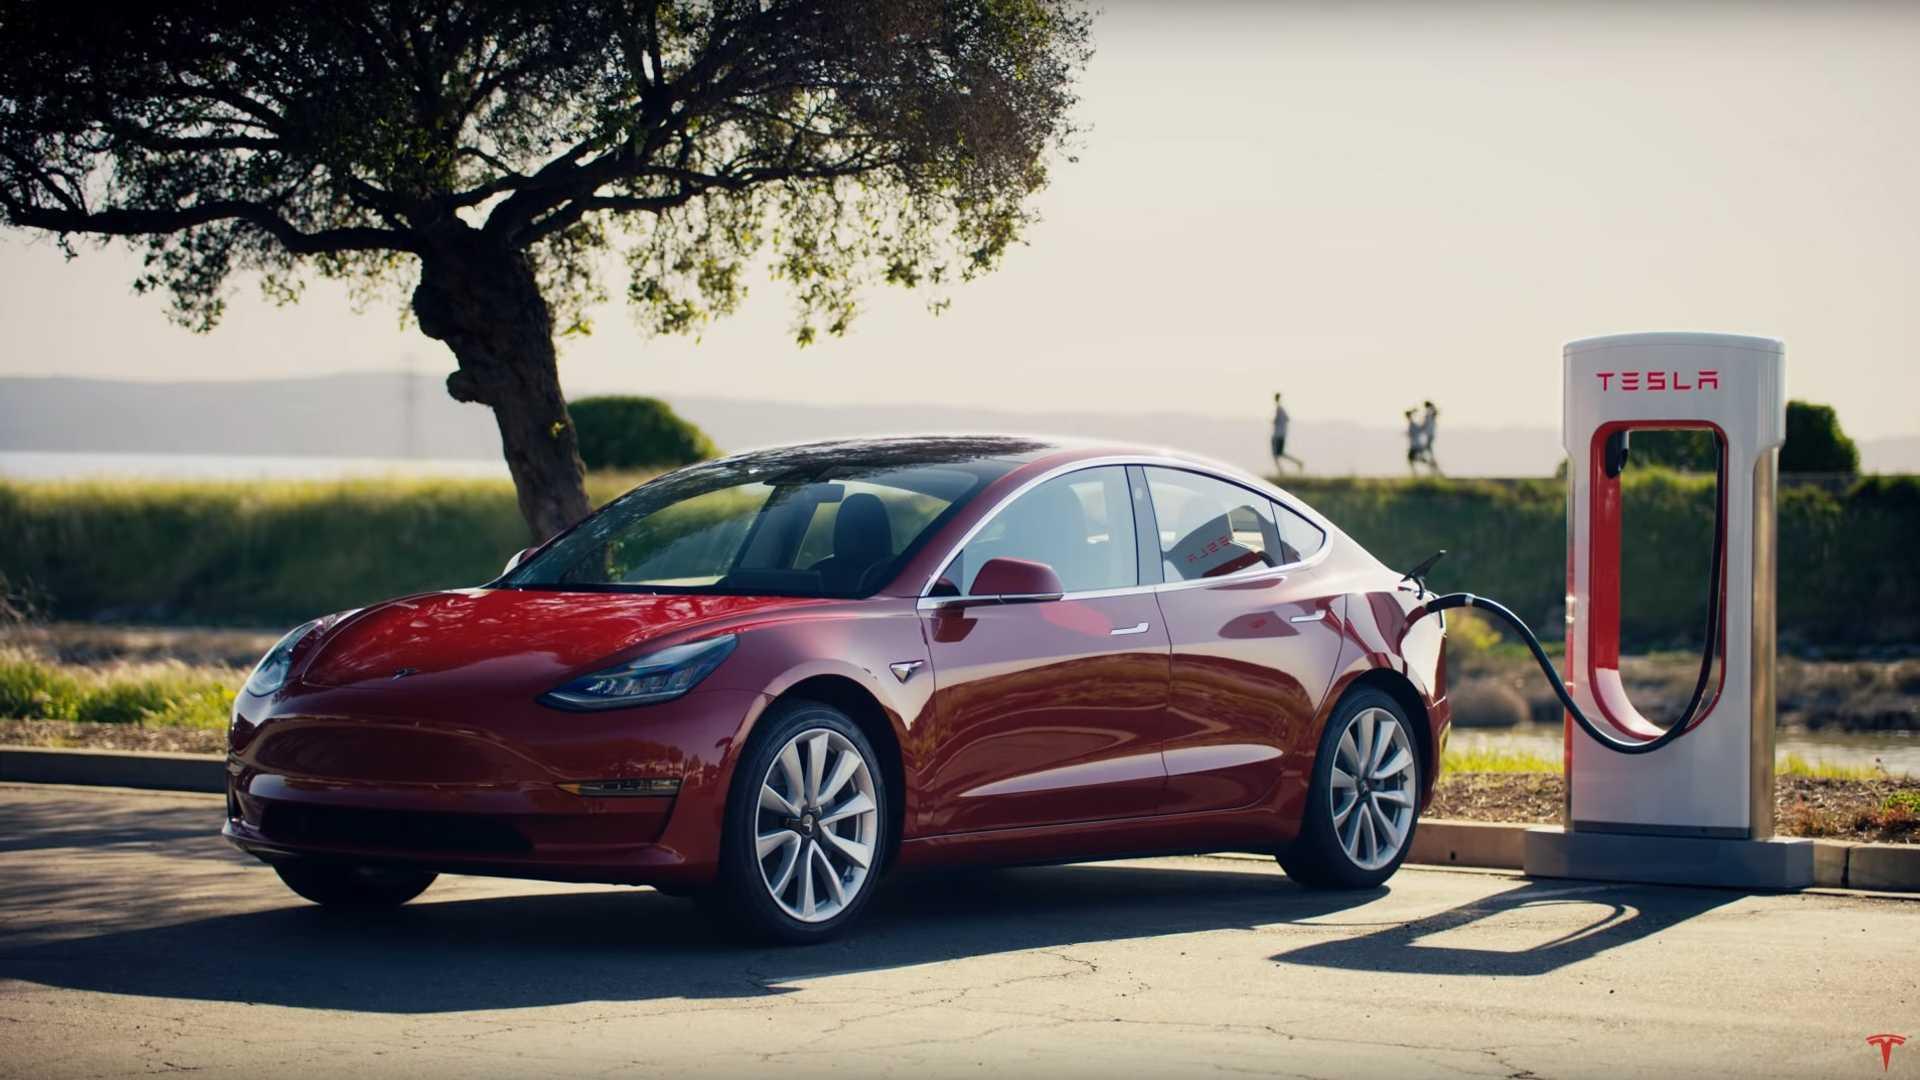 Top 5 Best EV Deals For October 2019